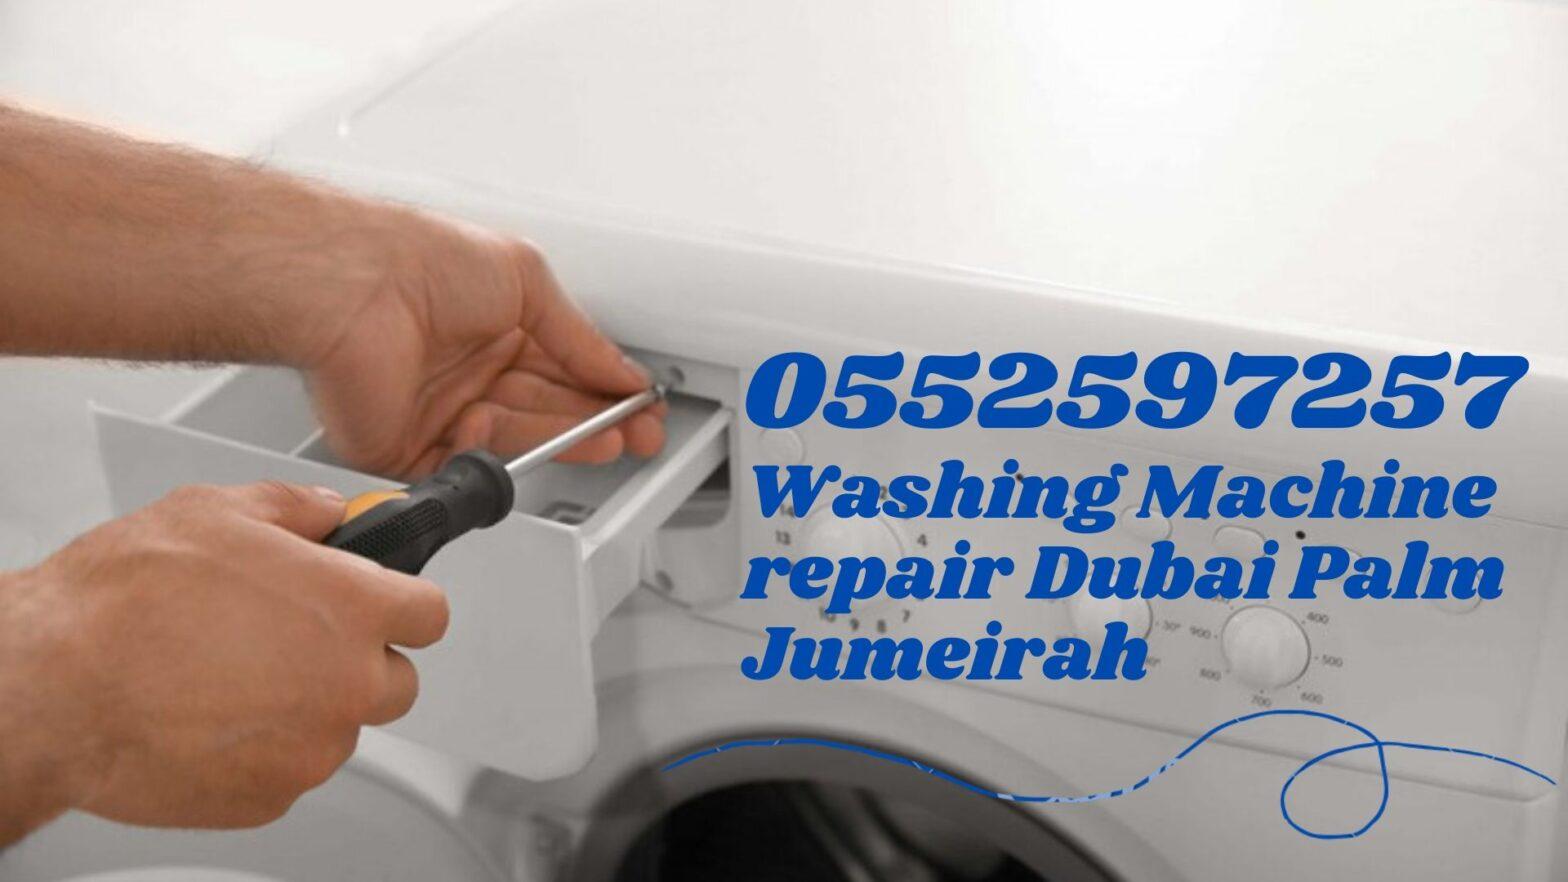 Washing machine repair Dubai Palm jumeirah